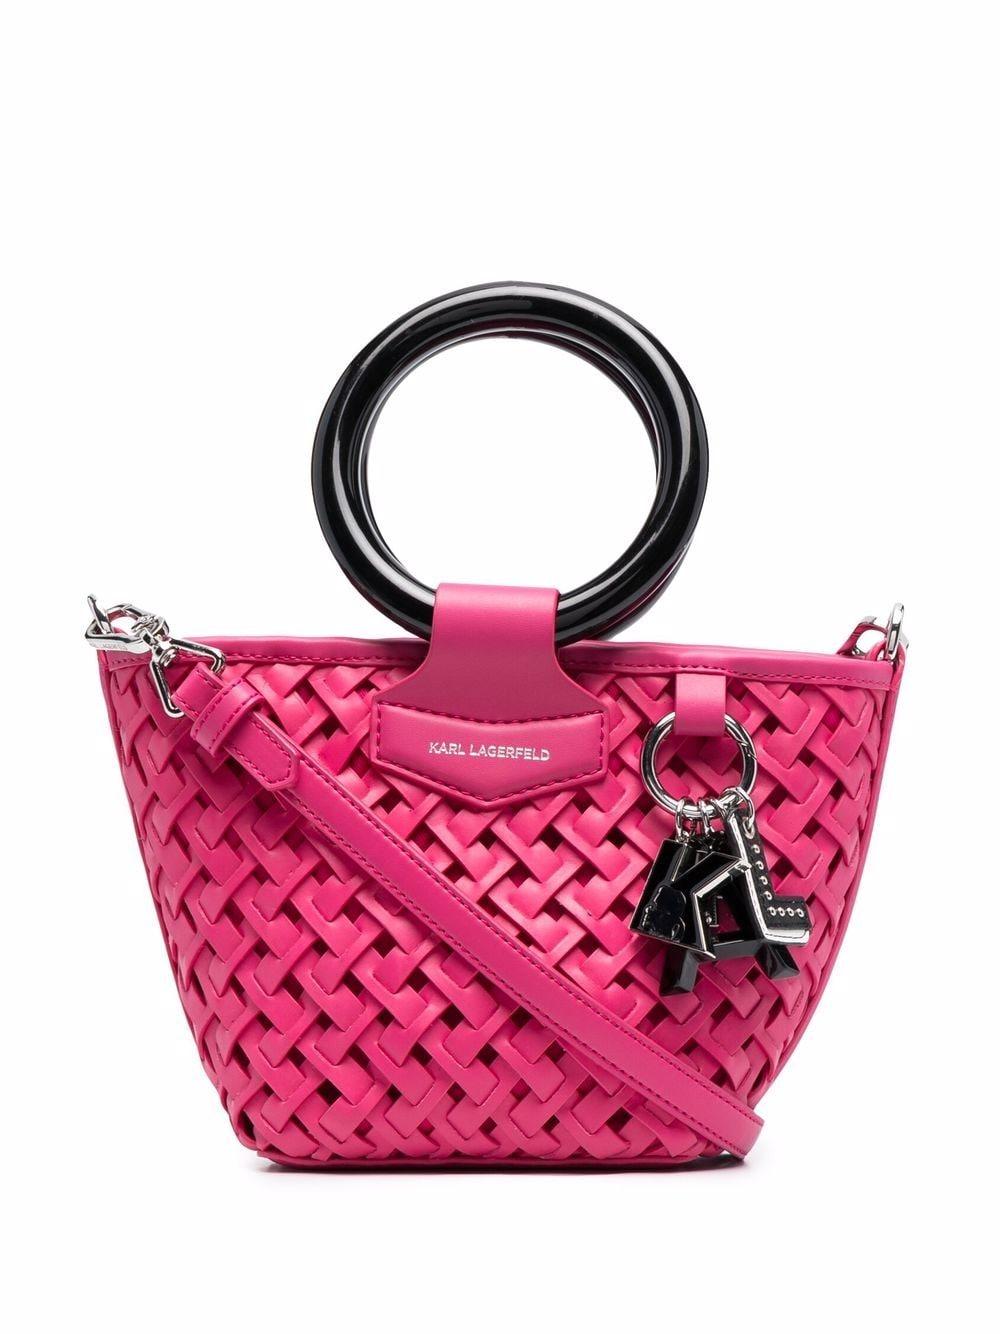 Karl Lagerfeld Kleine K/Basket Handtasche - Rosa